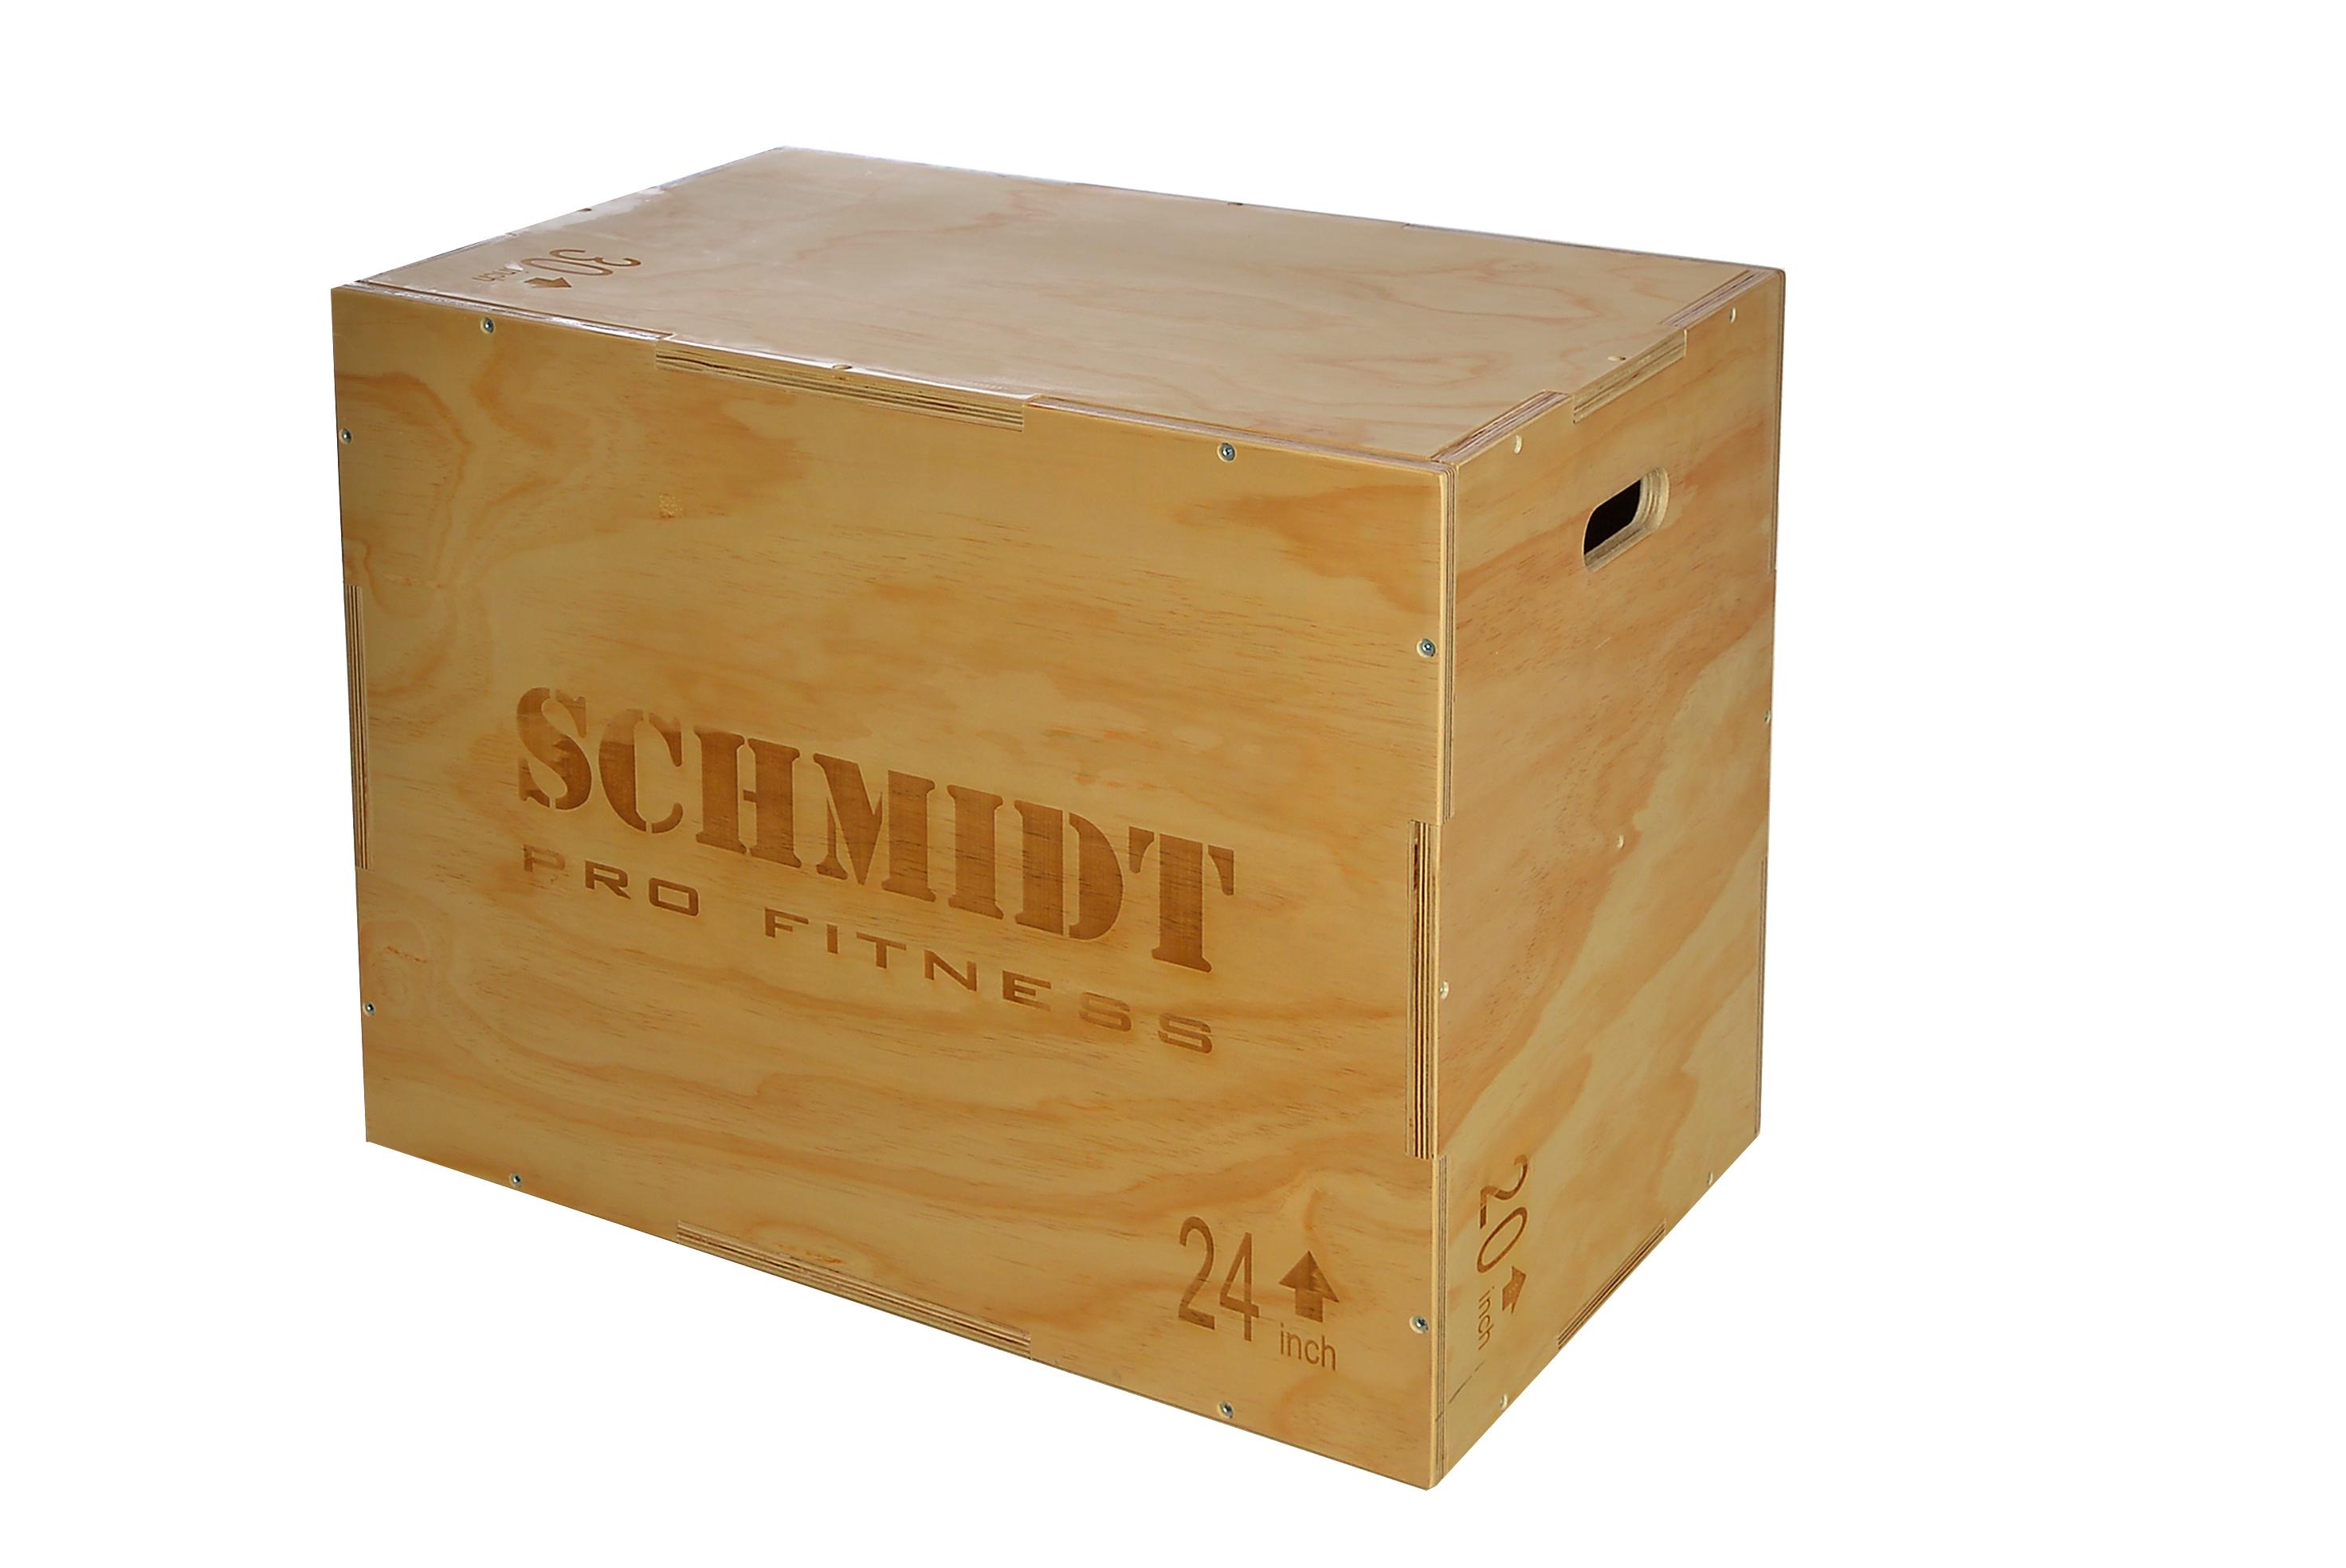 Plyometrická dřevěná bedna (Plyo Box)